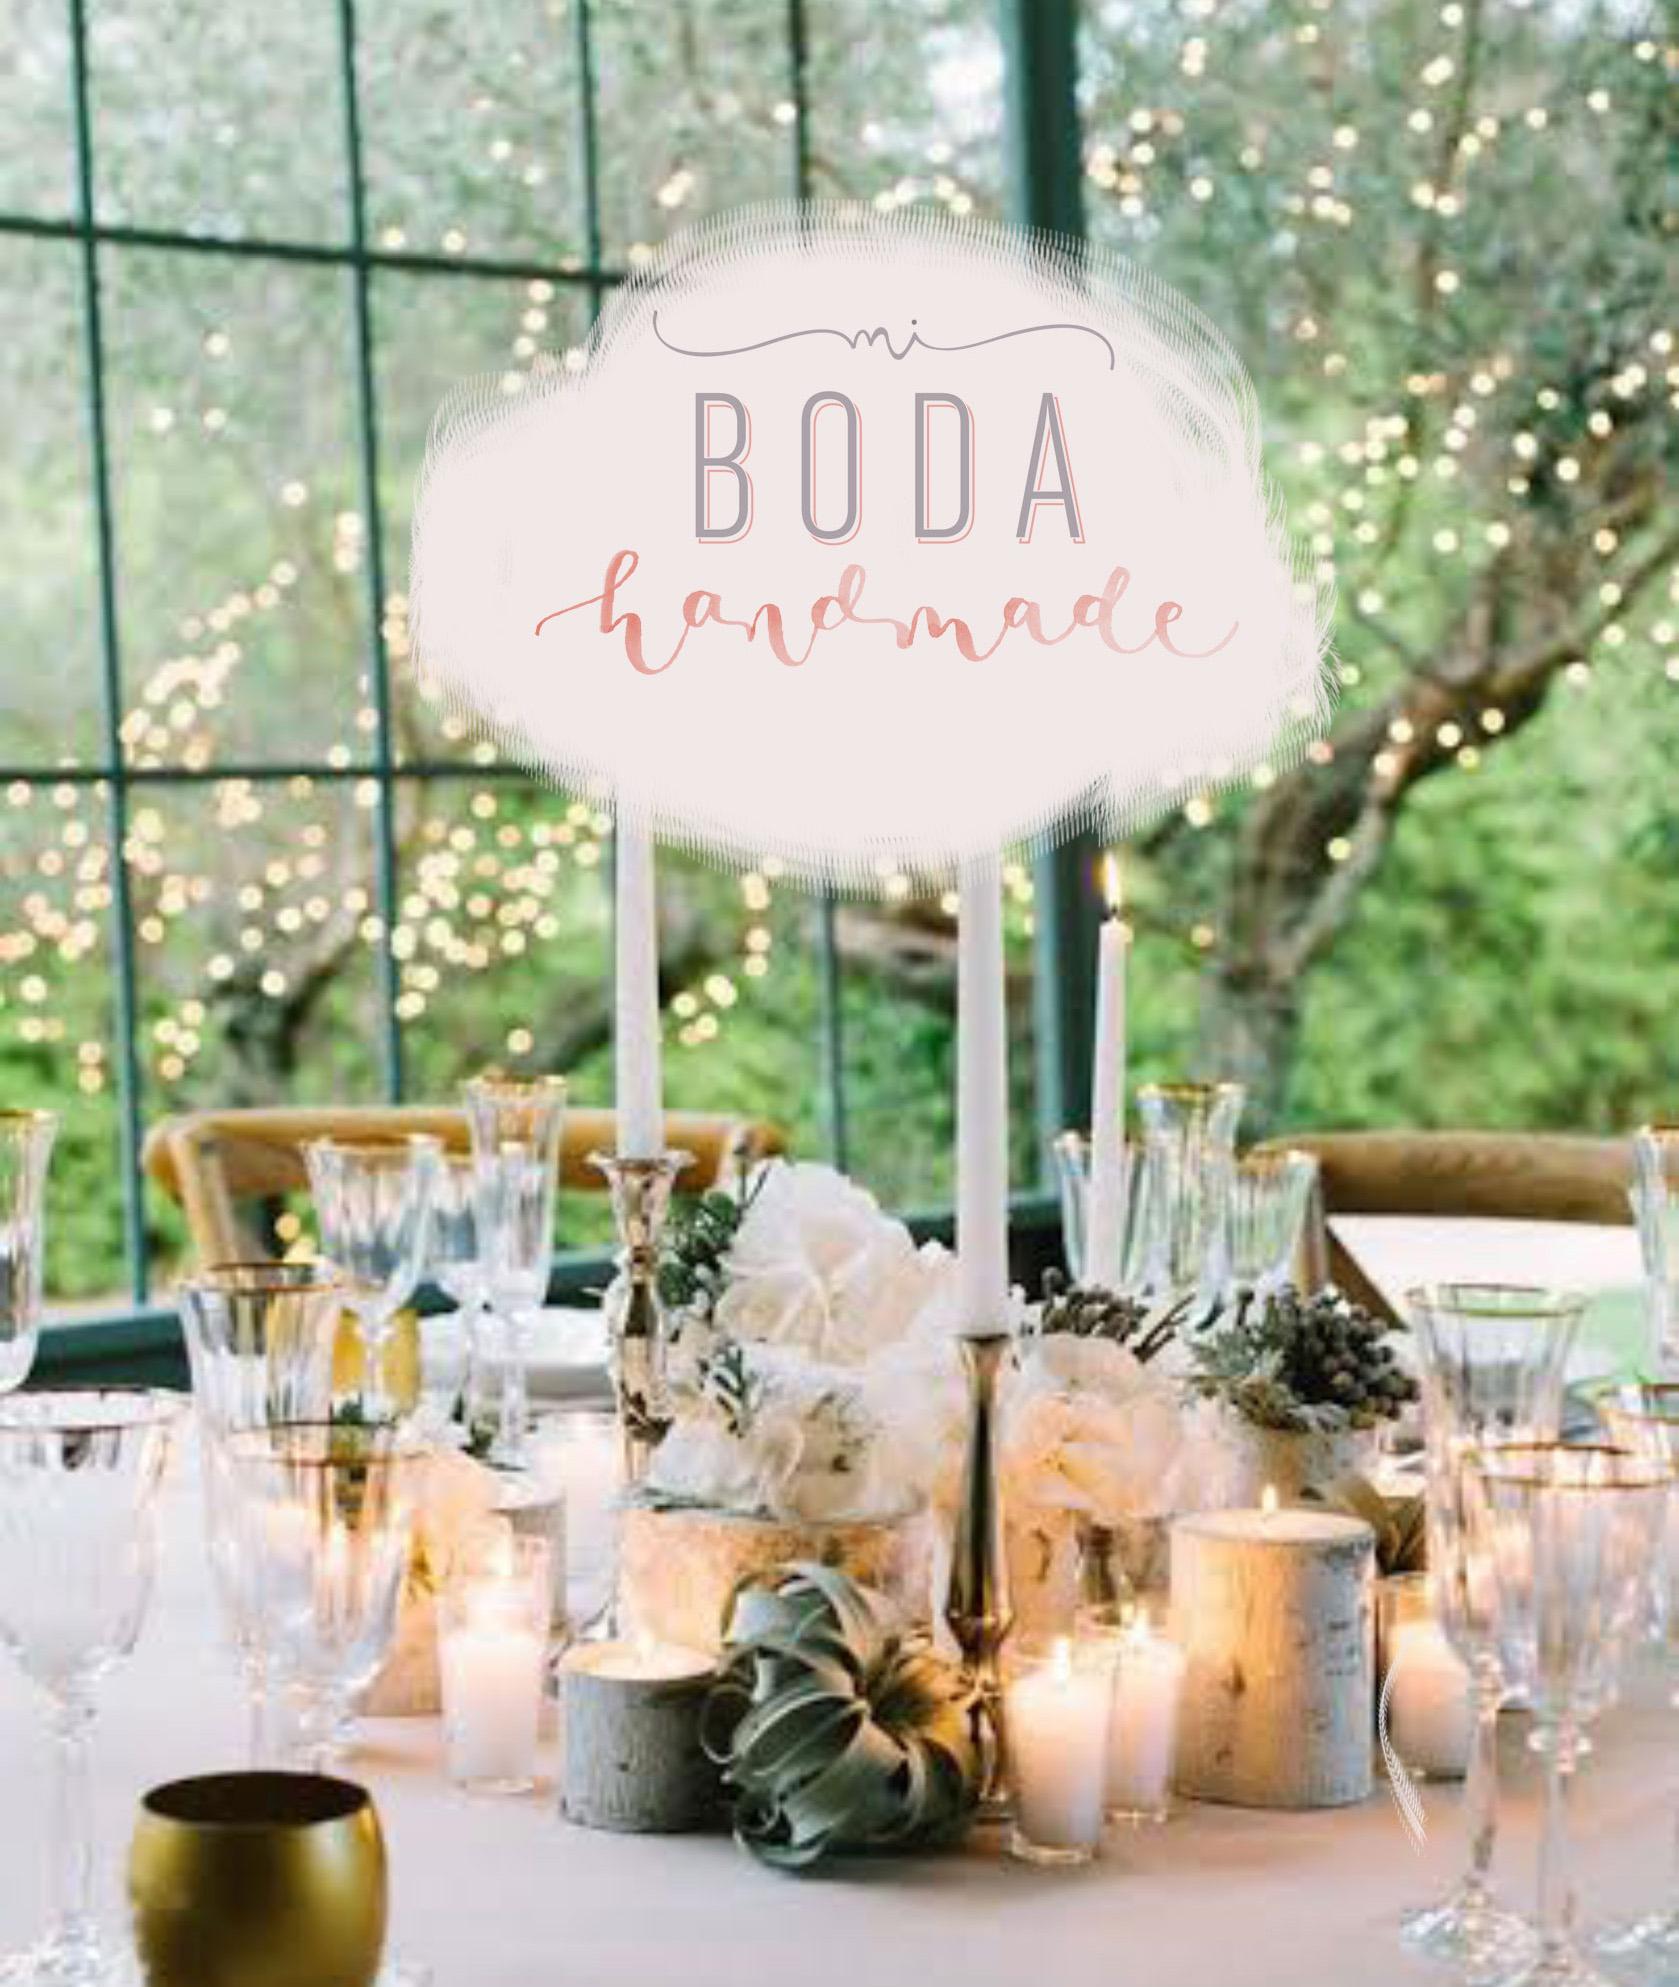 Te molar a organizar tu boda ven y mira esto el tarro - Organizar una boda ...